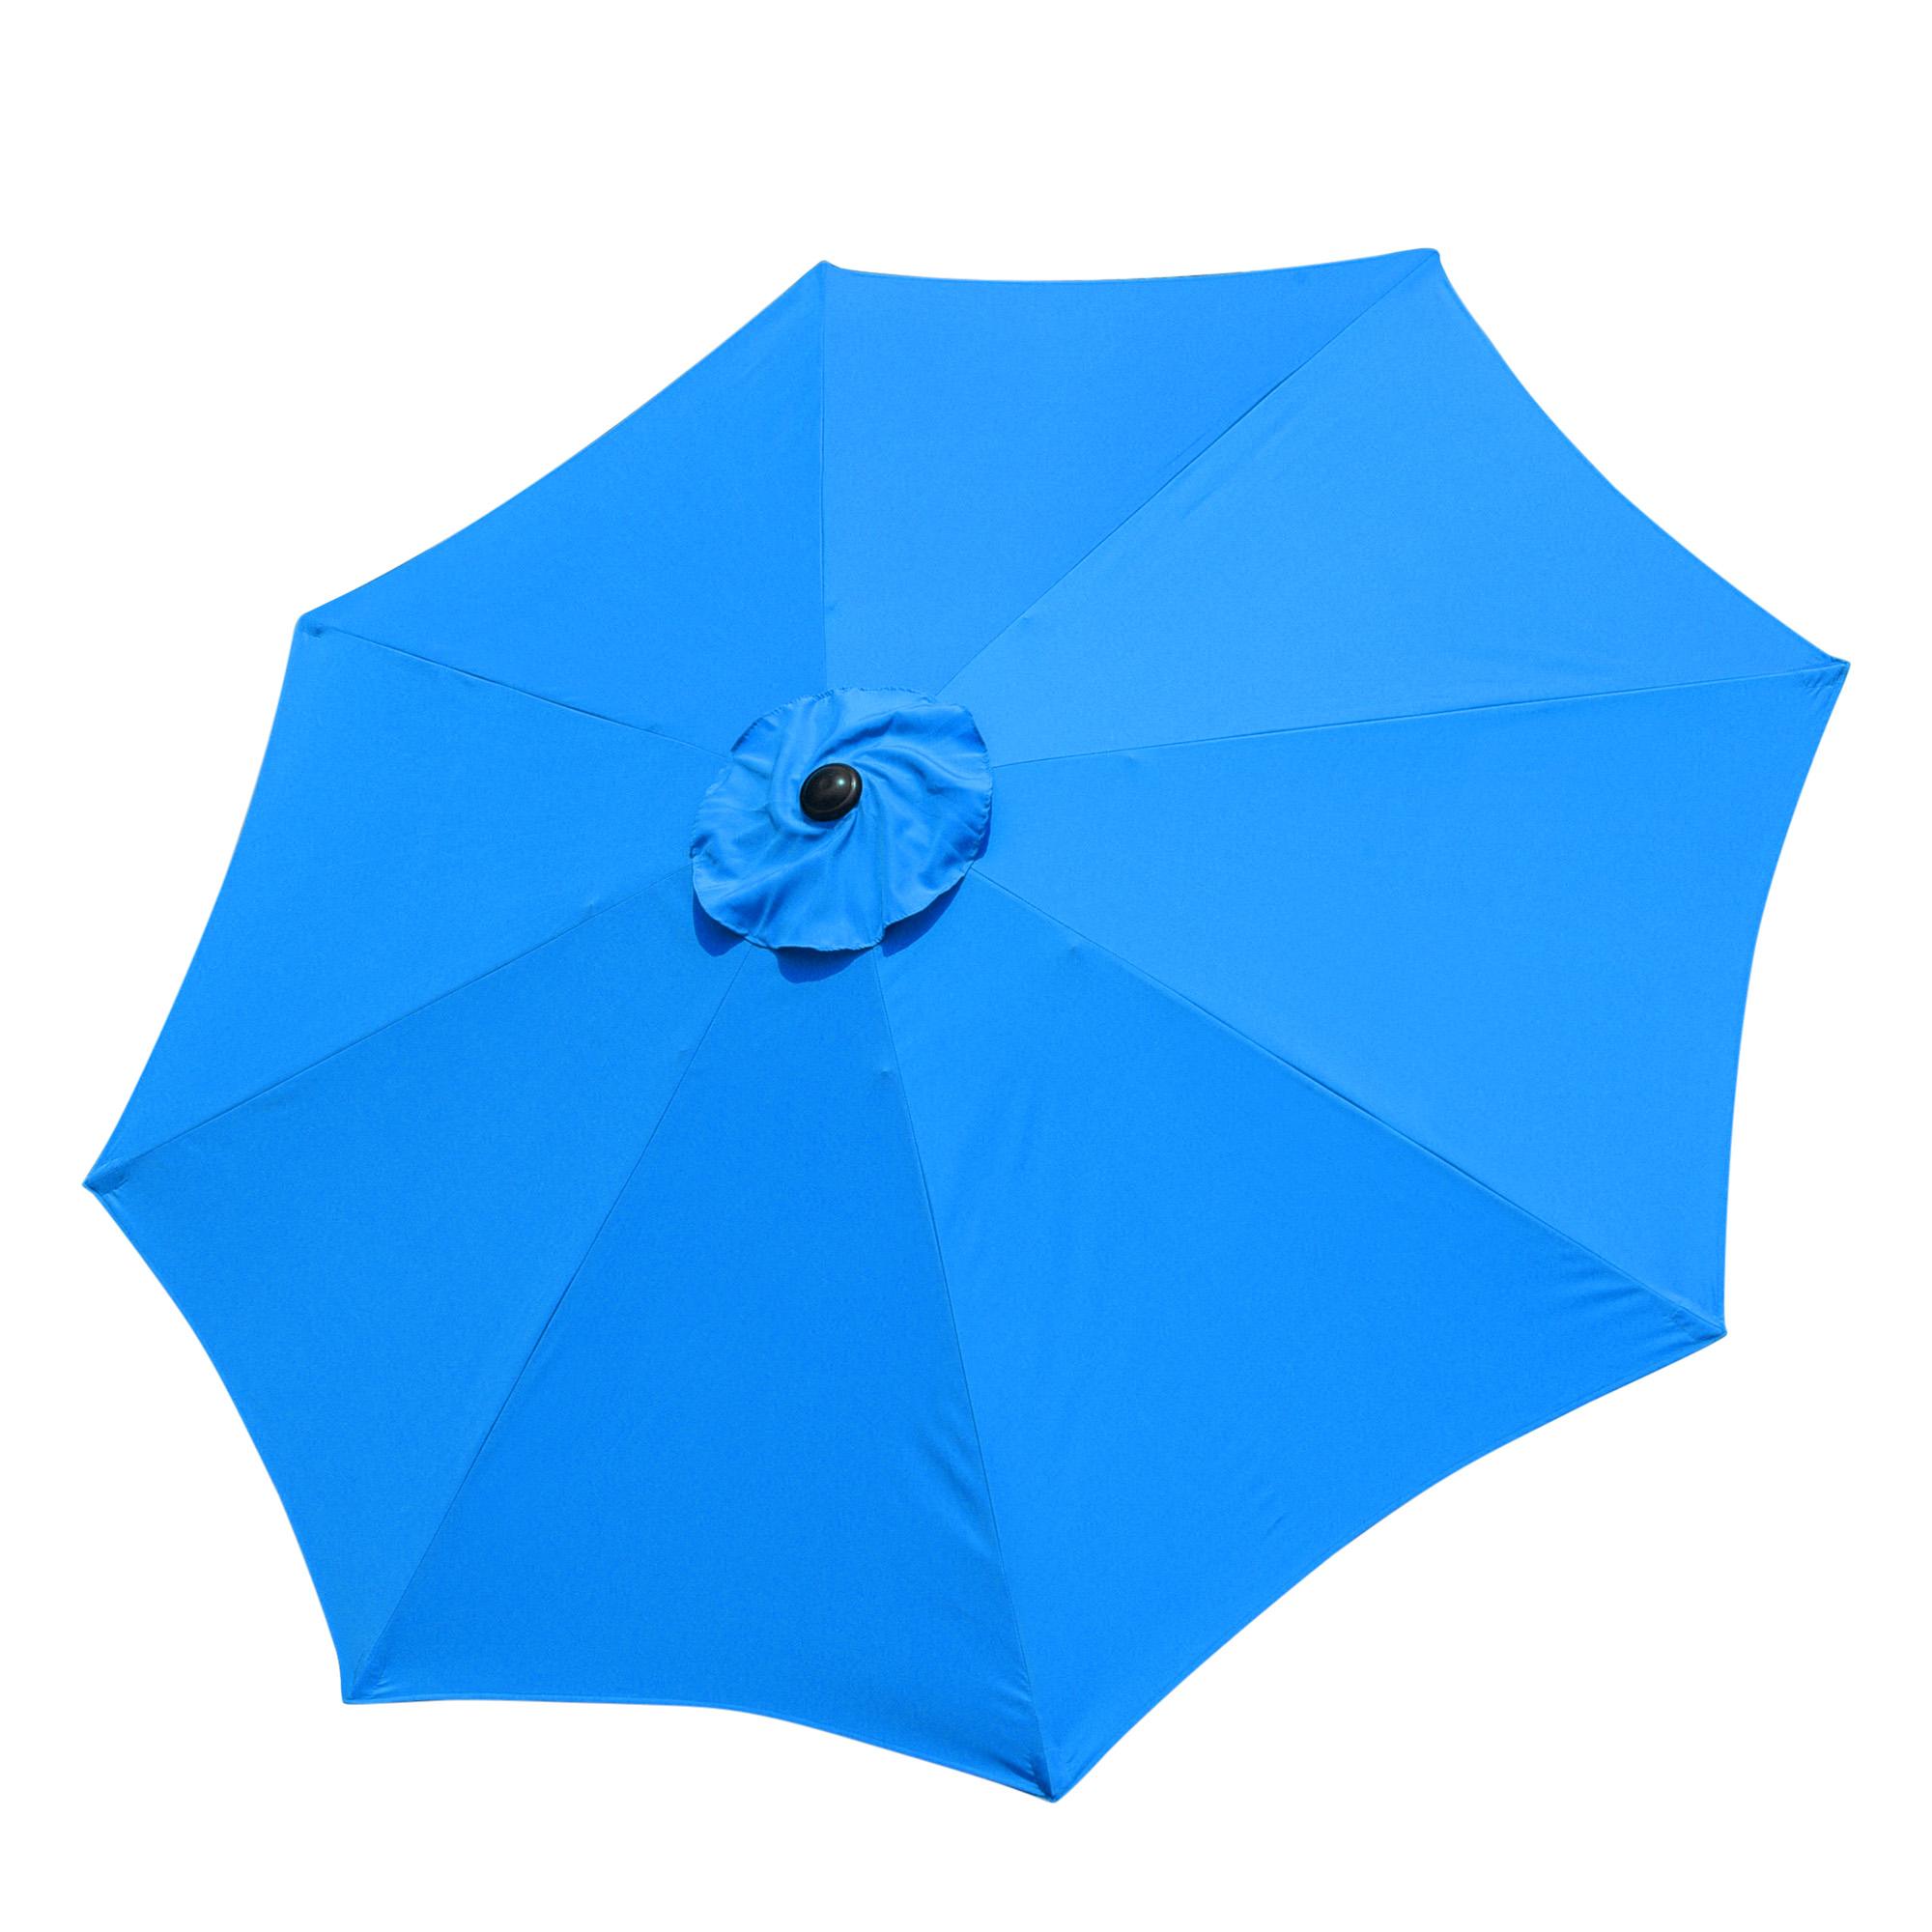 thumbnail 54 - 9' Outdoor Umbrella Patio 8 Ribs Market Garden Crank Tilt Beach Sunshade Parasol